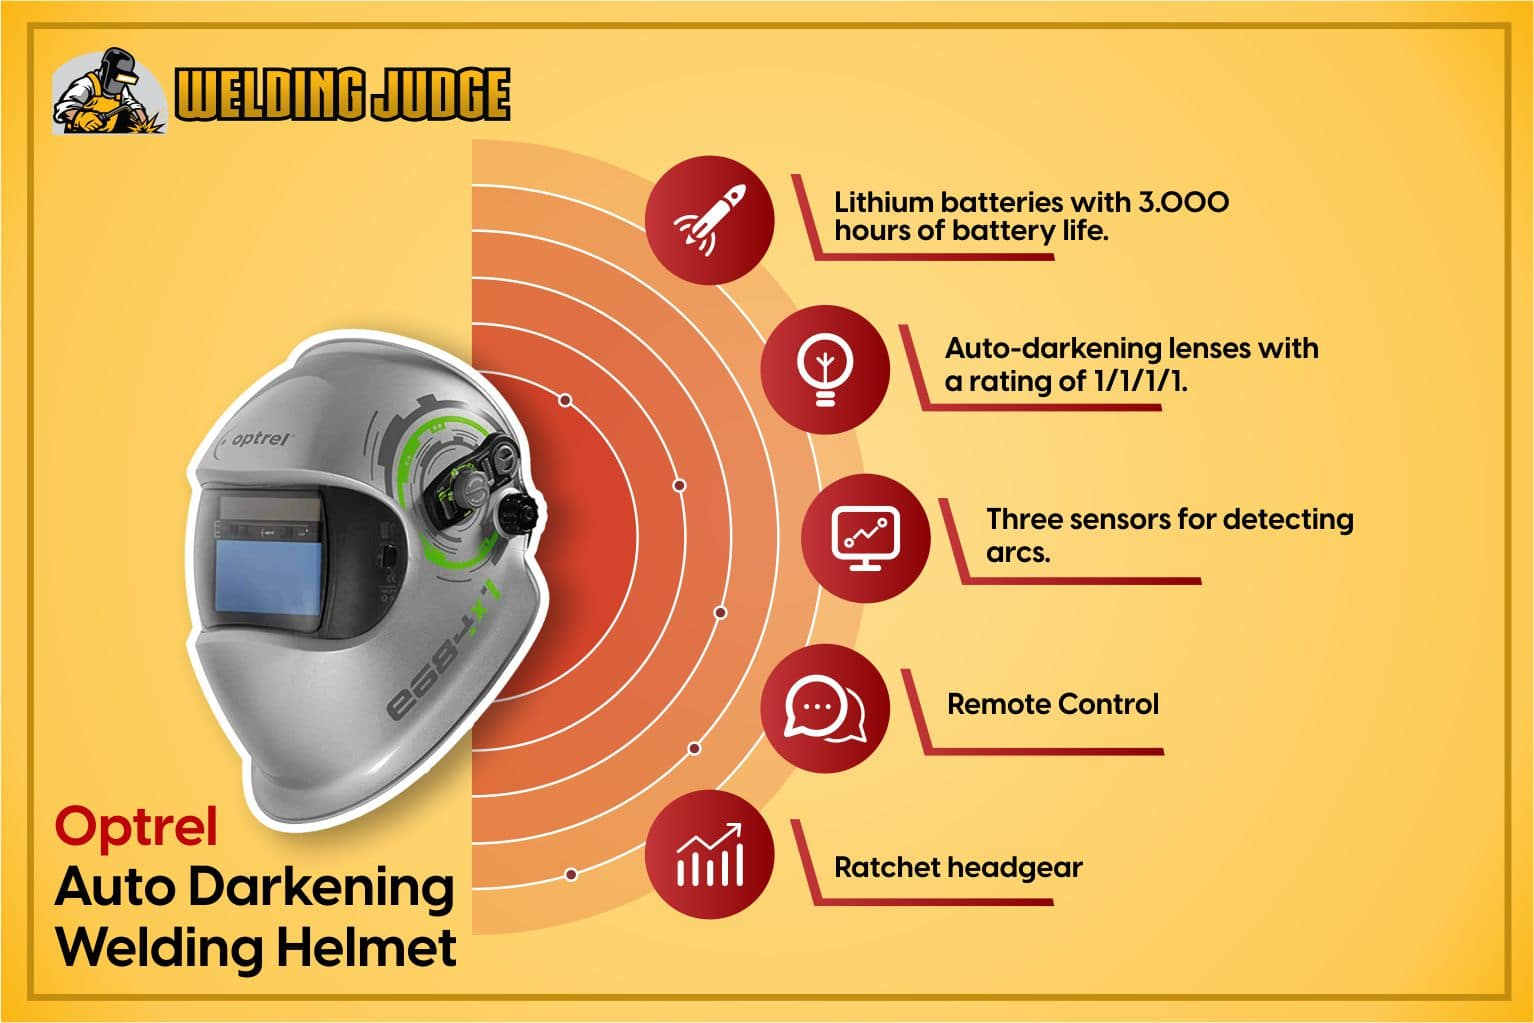 Optrel Auto Darkening Welding Helmet Infographic